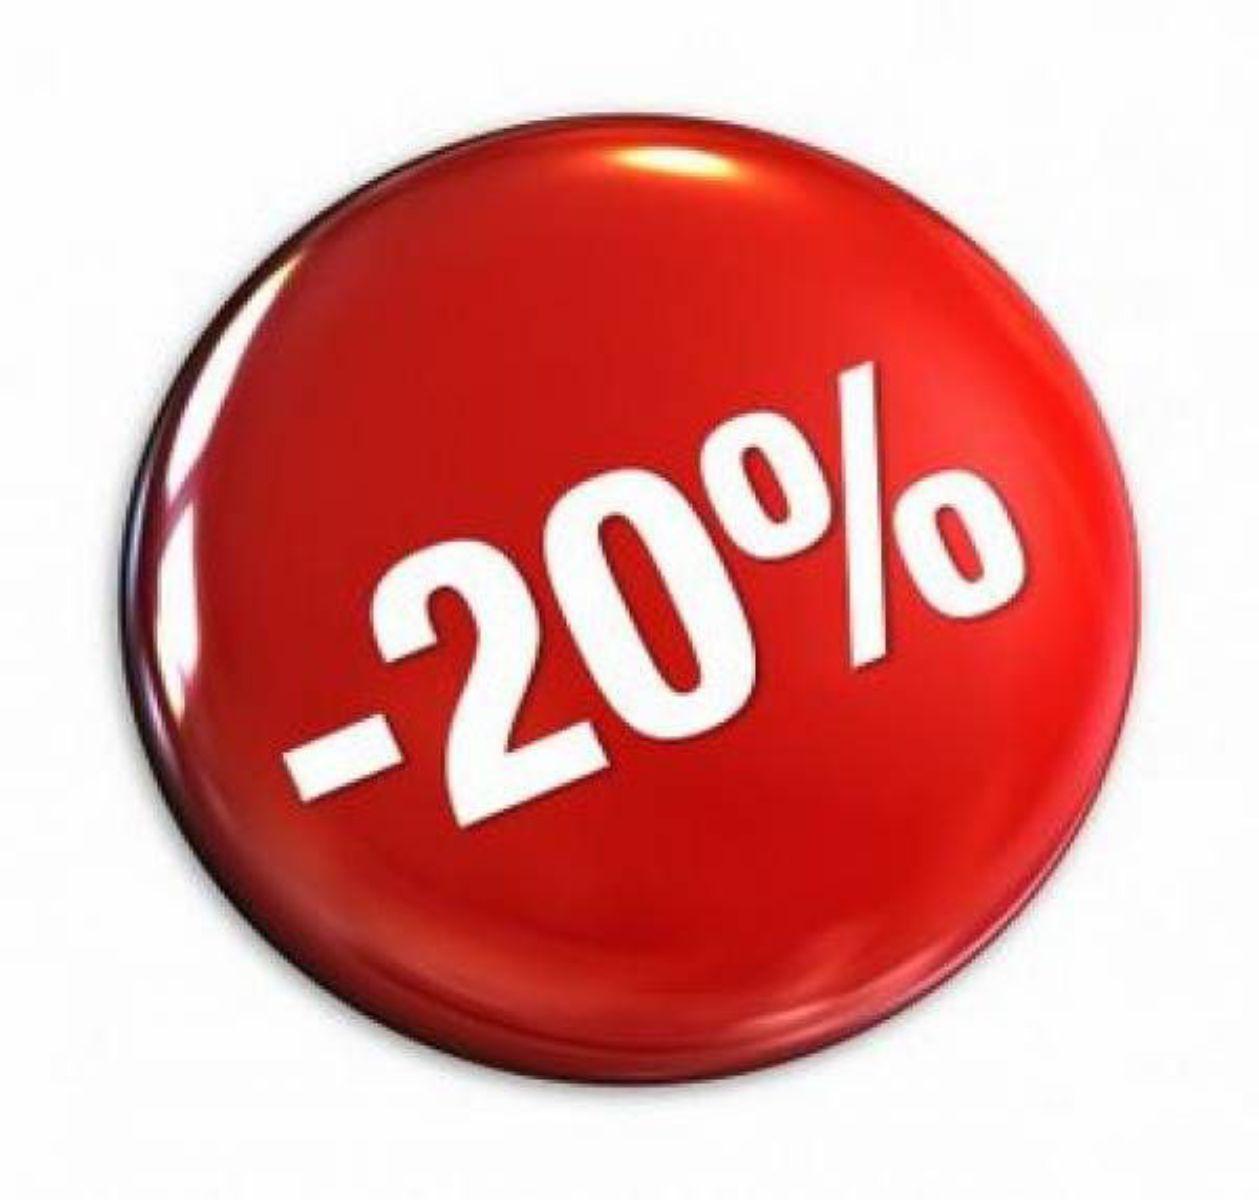 20 ��� ������������� - 20% ������!/�������, �������/������/���������� �����/������������ ���./������������� ������ Rest4U